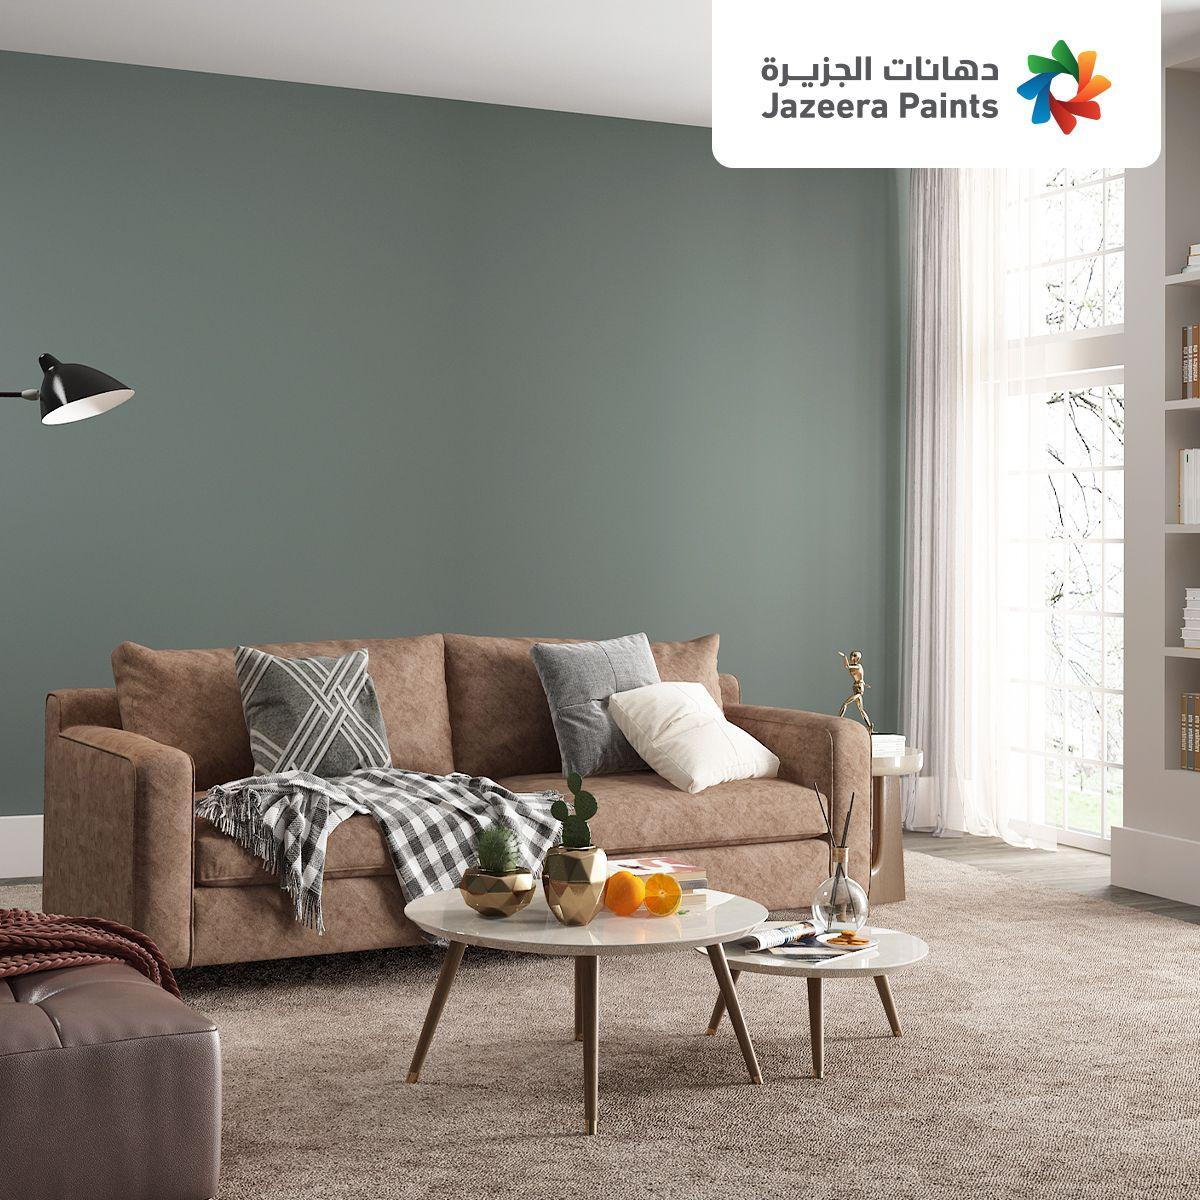 لون ربيعي ضبابي Coffee Table August Colors Home Decor